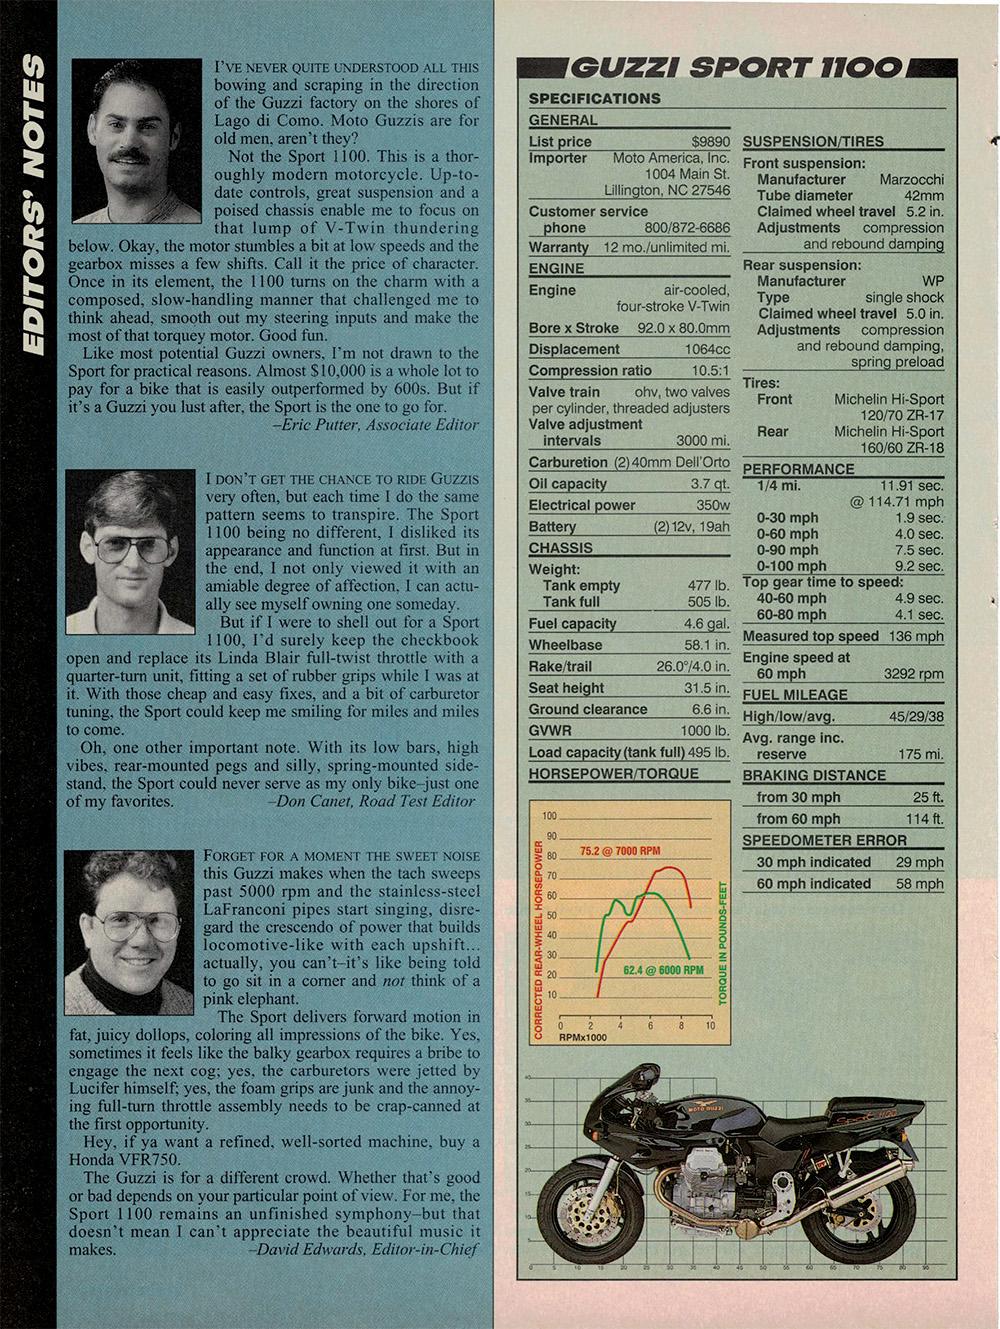 1995 Moto Guzzi Sport 1100 road test 5.jpg